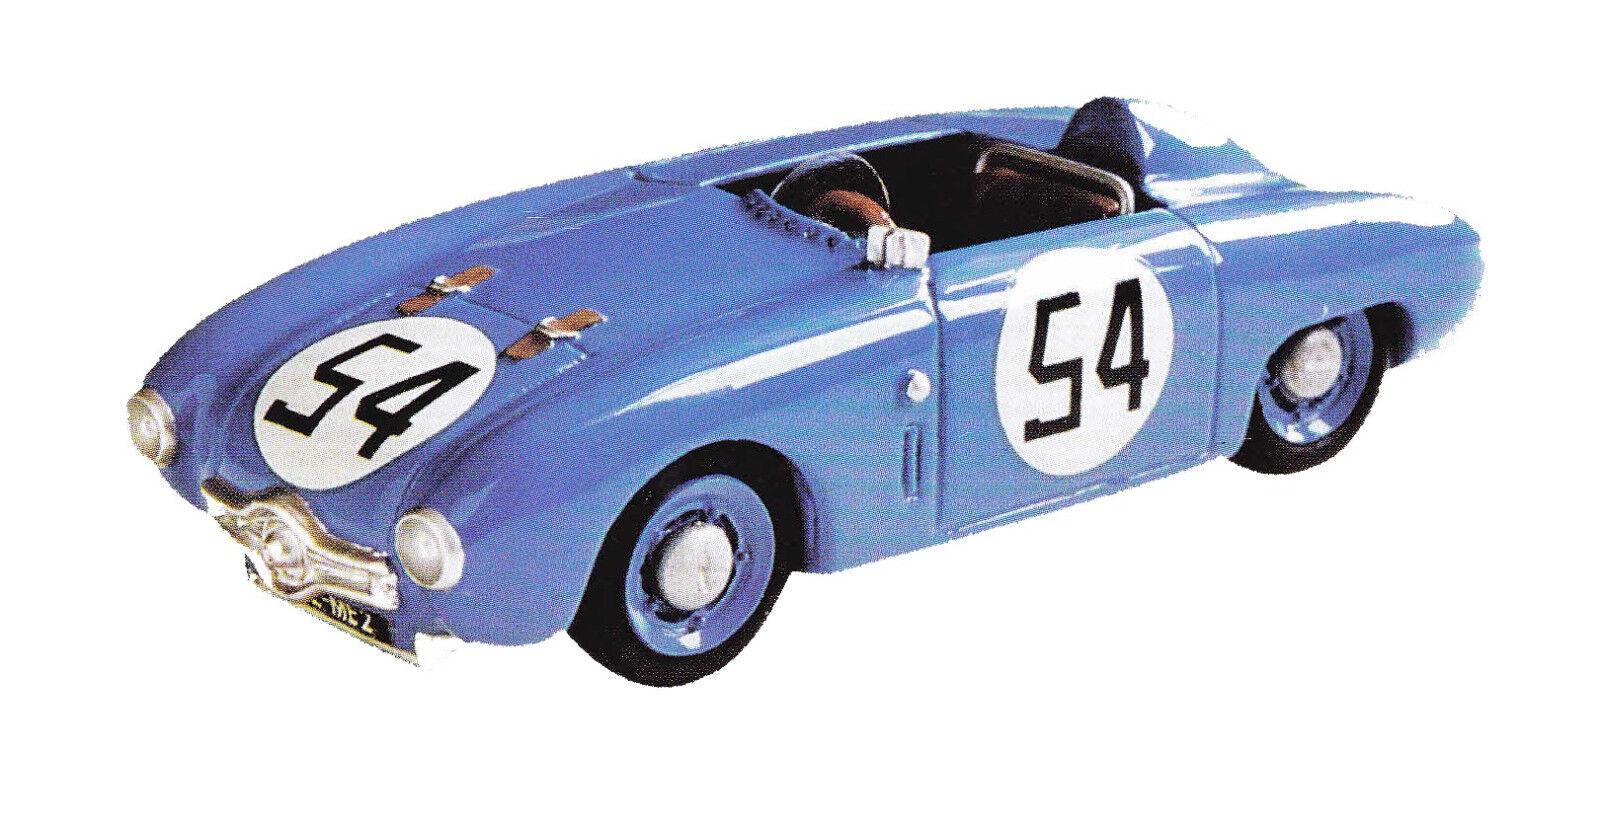 Kit pour miniature auto CCC   Panhard Dyna X86 610 CM3 Le Mans 1950 référence 12